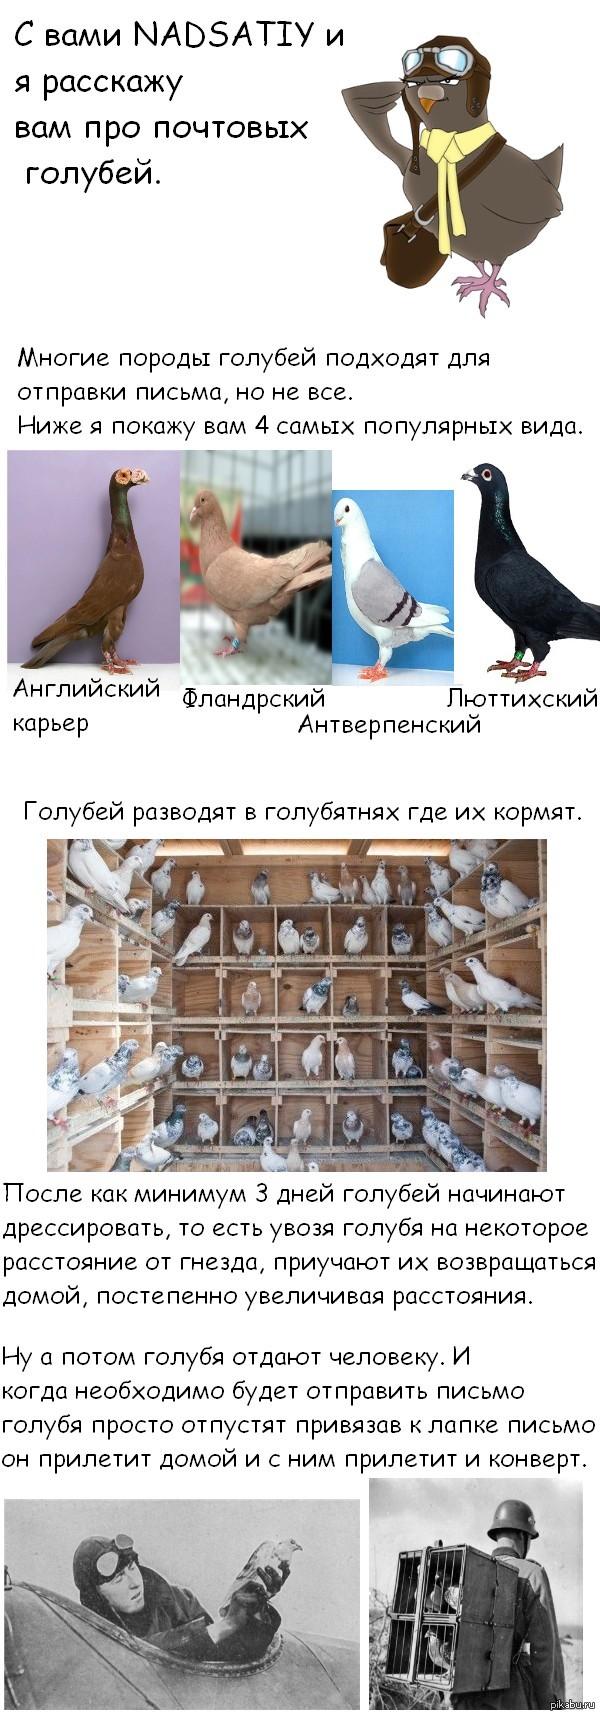 Про почтовых голубей.